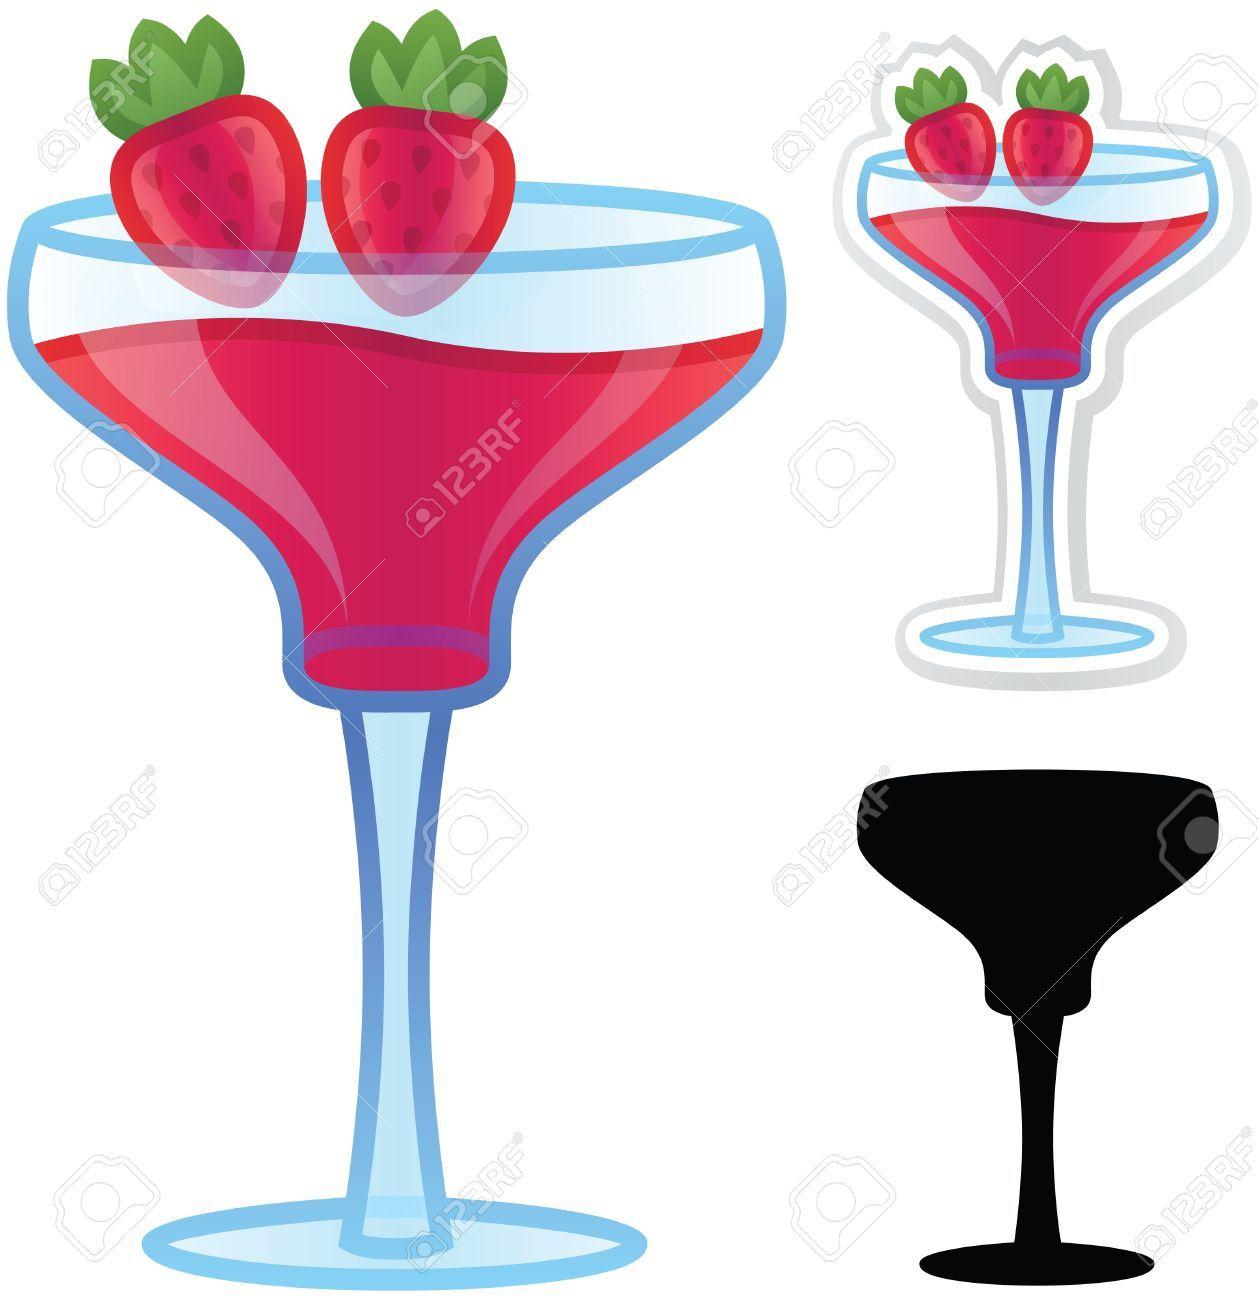 Strawberry daiquiri clipart 2 » Clipart Portal.